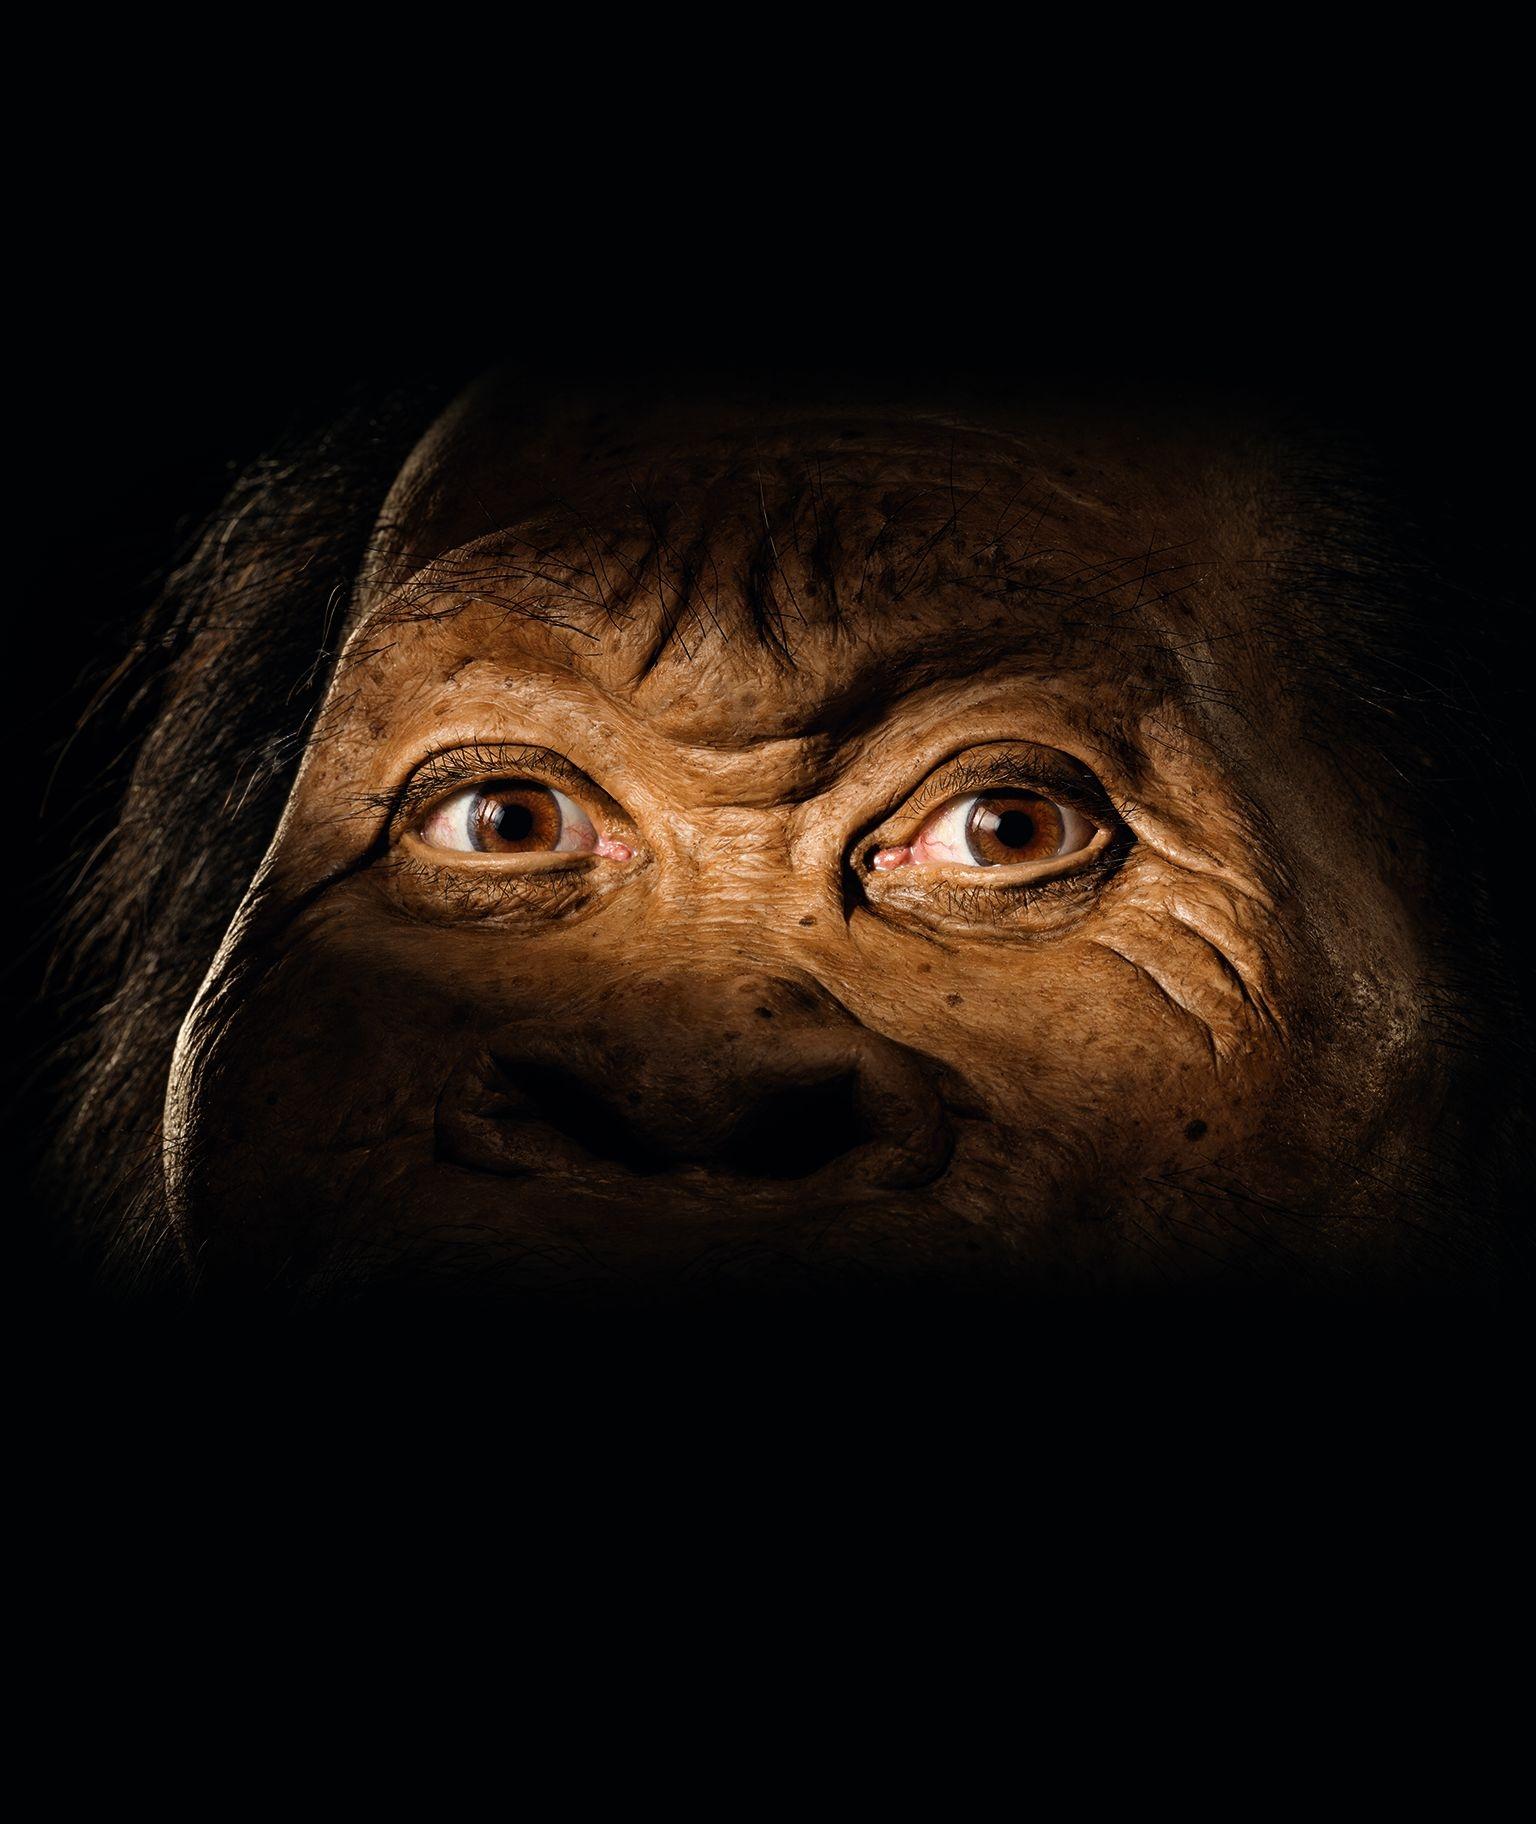 古生物藝術家約翰.古爾契以黏土塑型,再以矽樹脂鑄模而成的納萊蒂人(Homo naledi),是最新發現的人屬成員。MARK THIESSEN, NGM STAFF